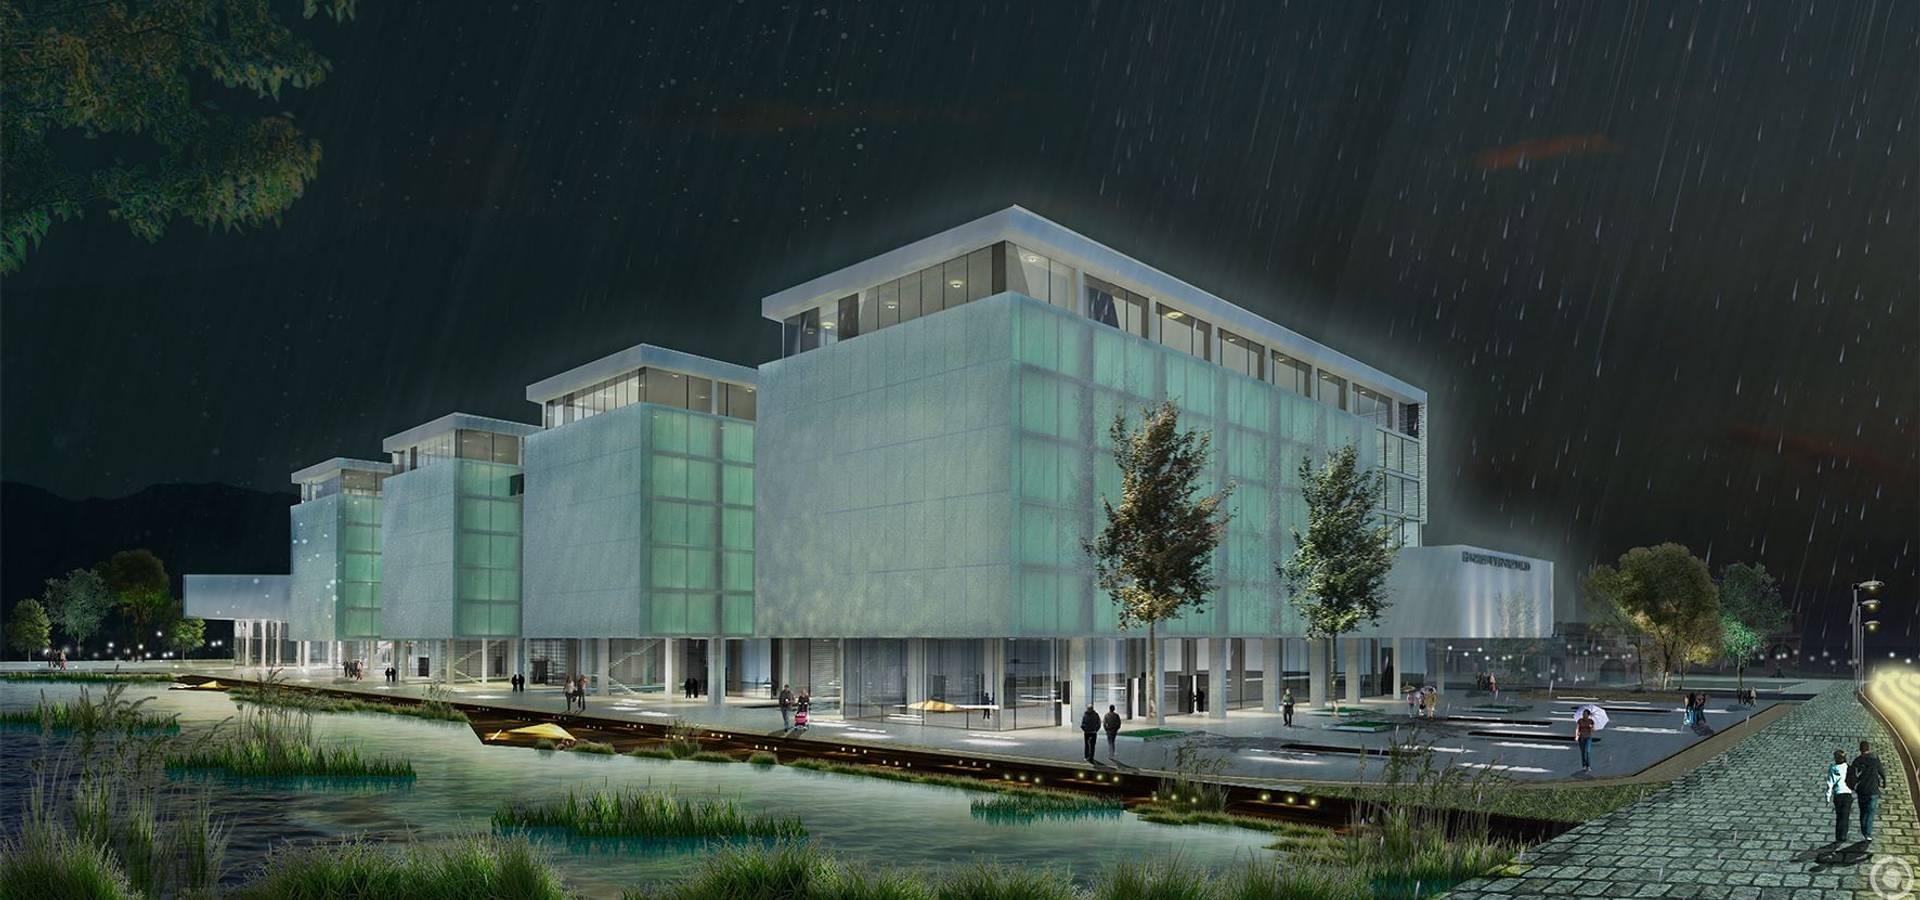 WOW Visualización Arquitectónica